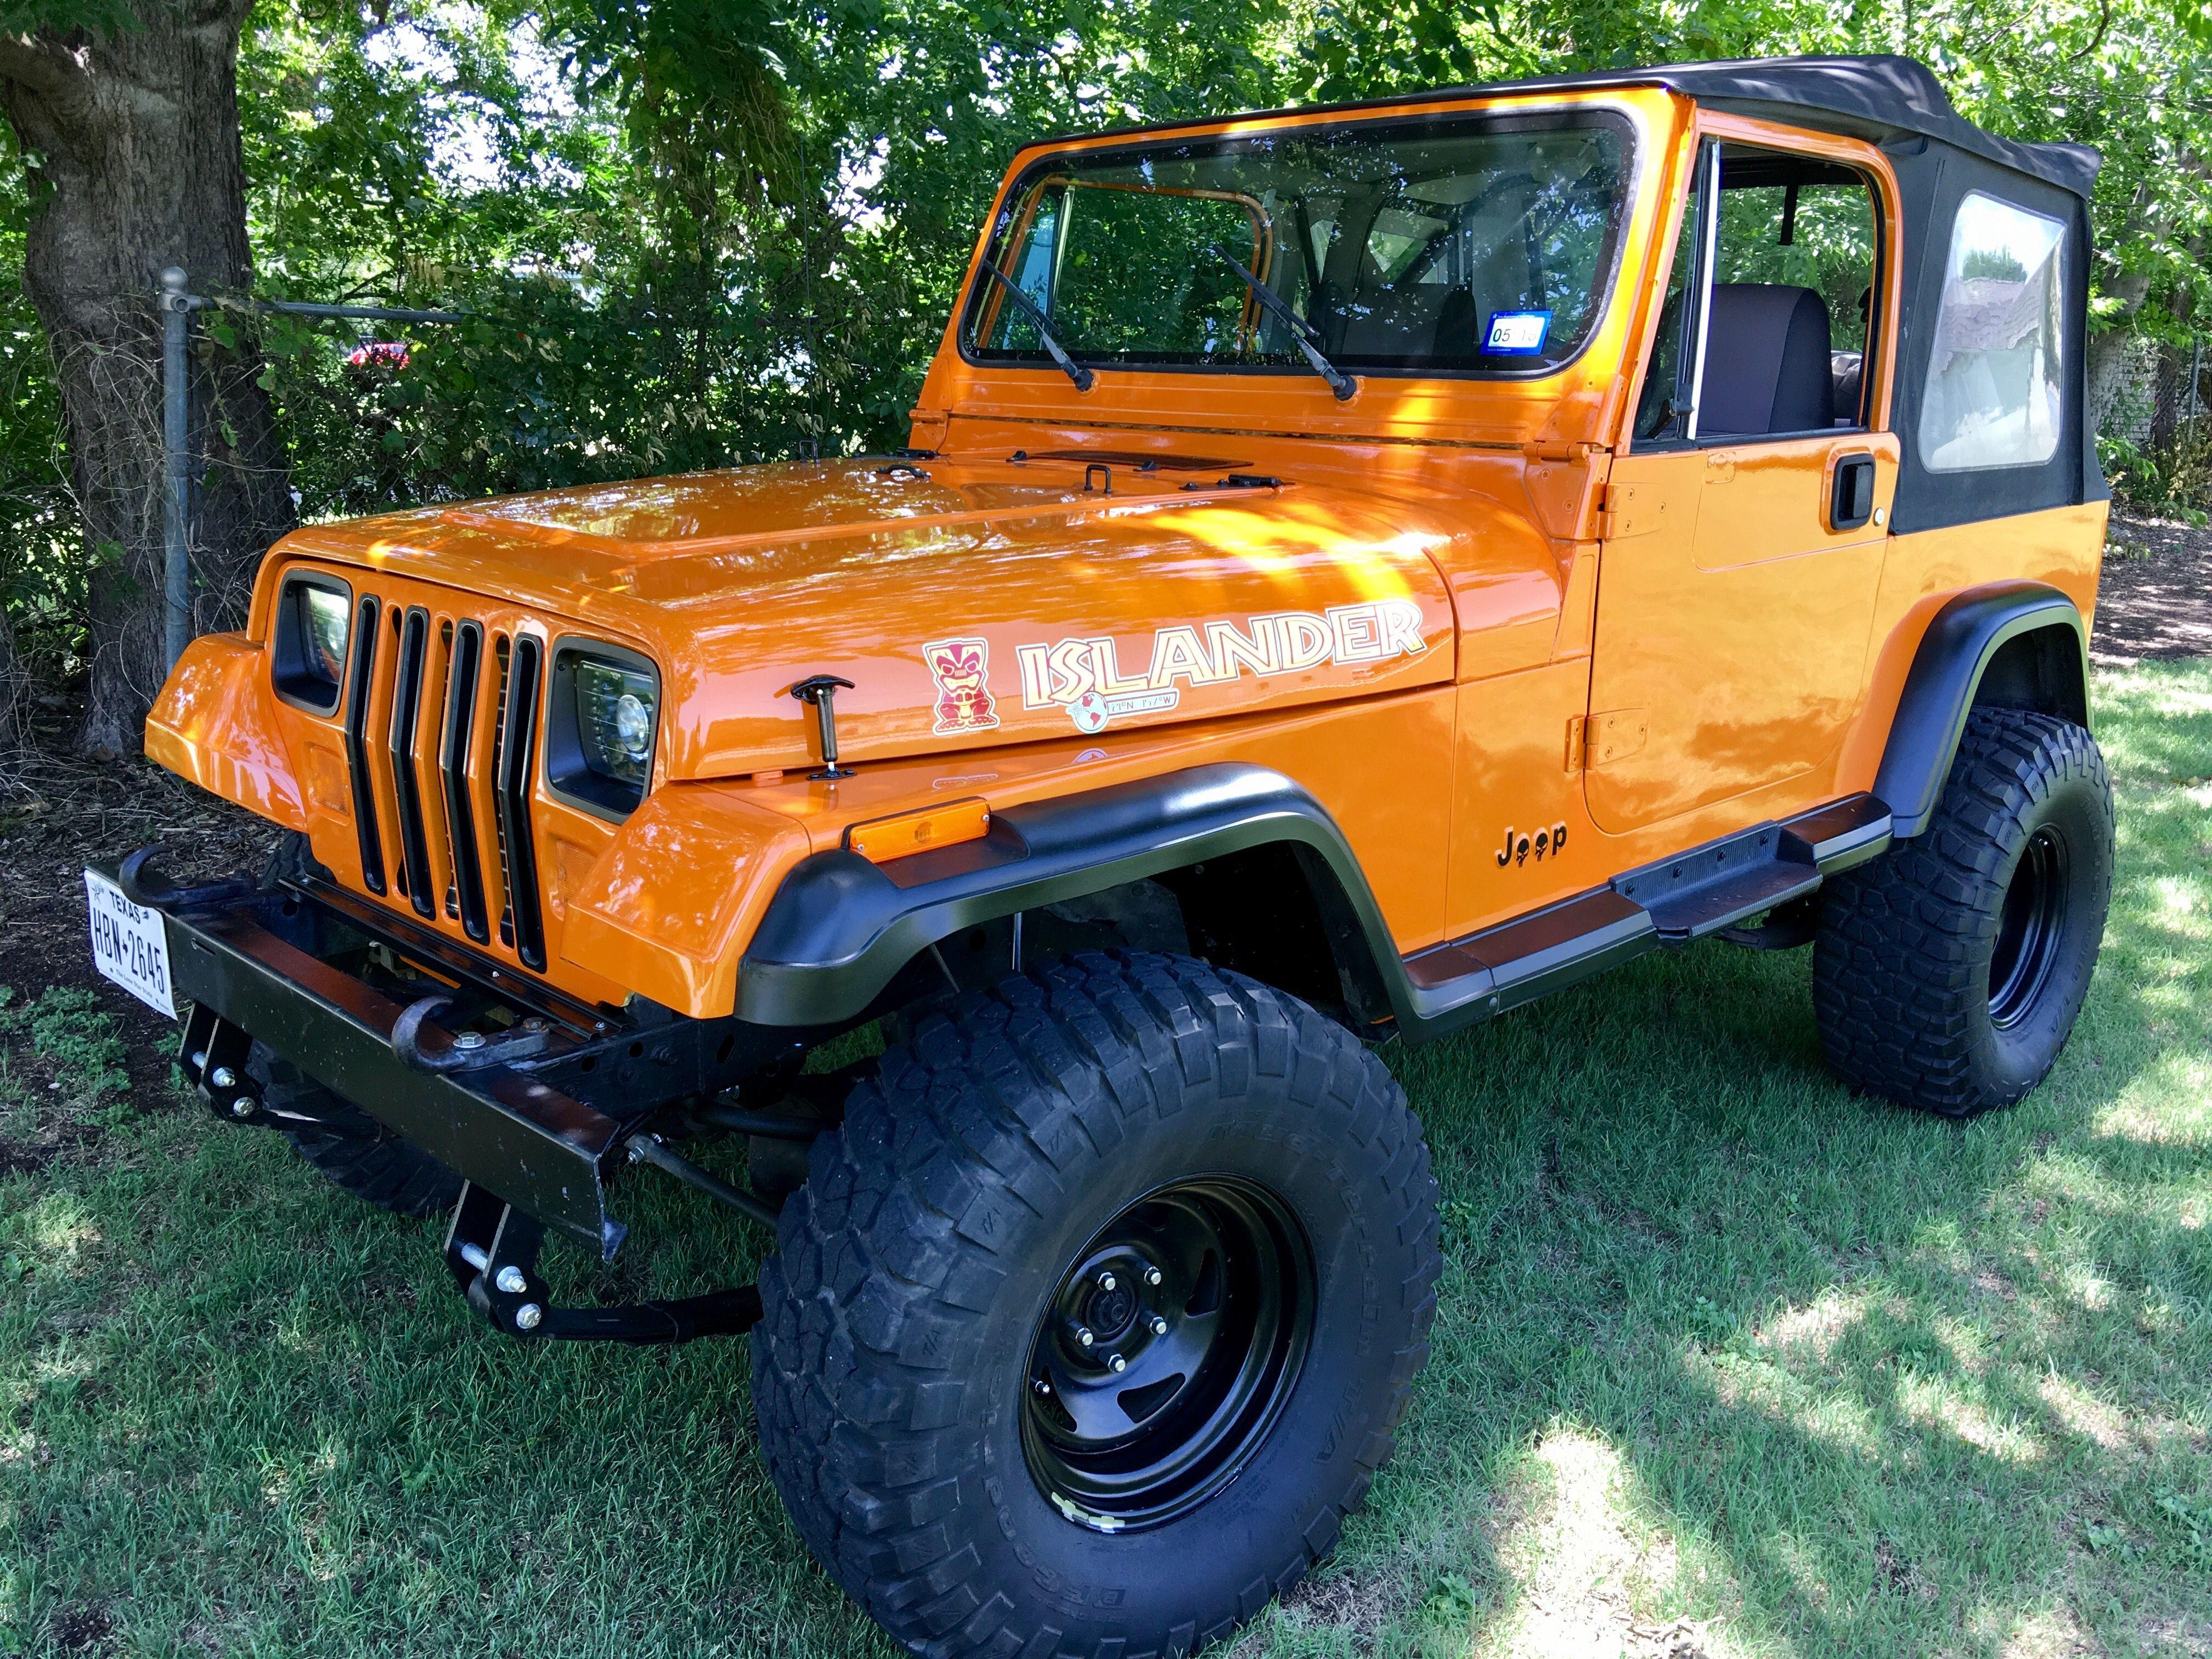 89 Yj Islander Jeep Yj Jeep Gear Jeep Wrangler